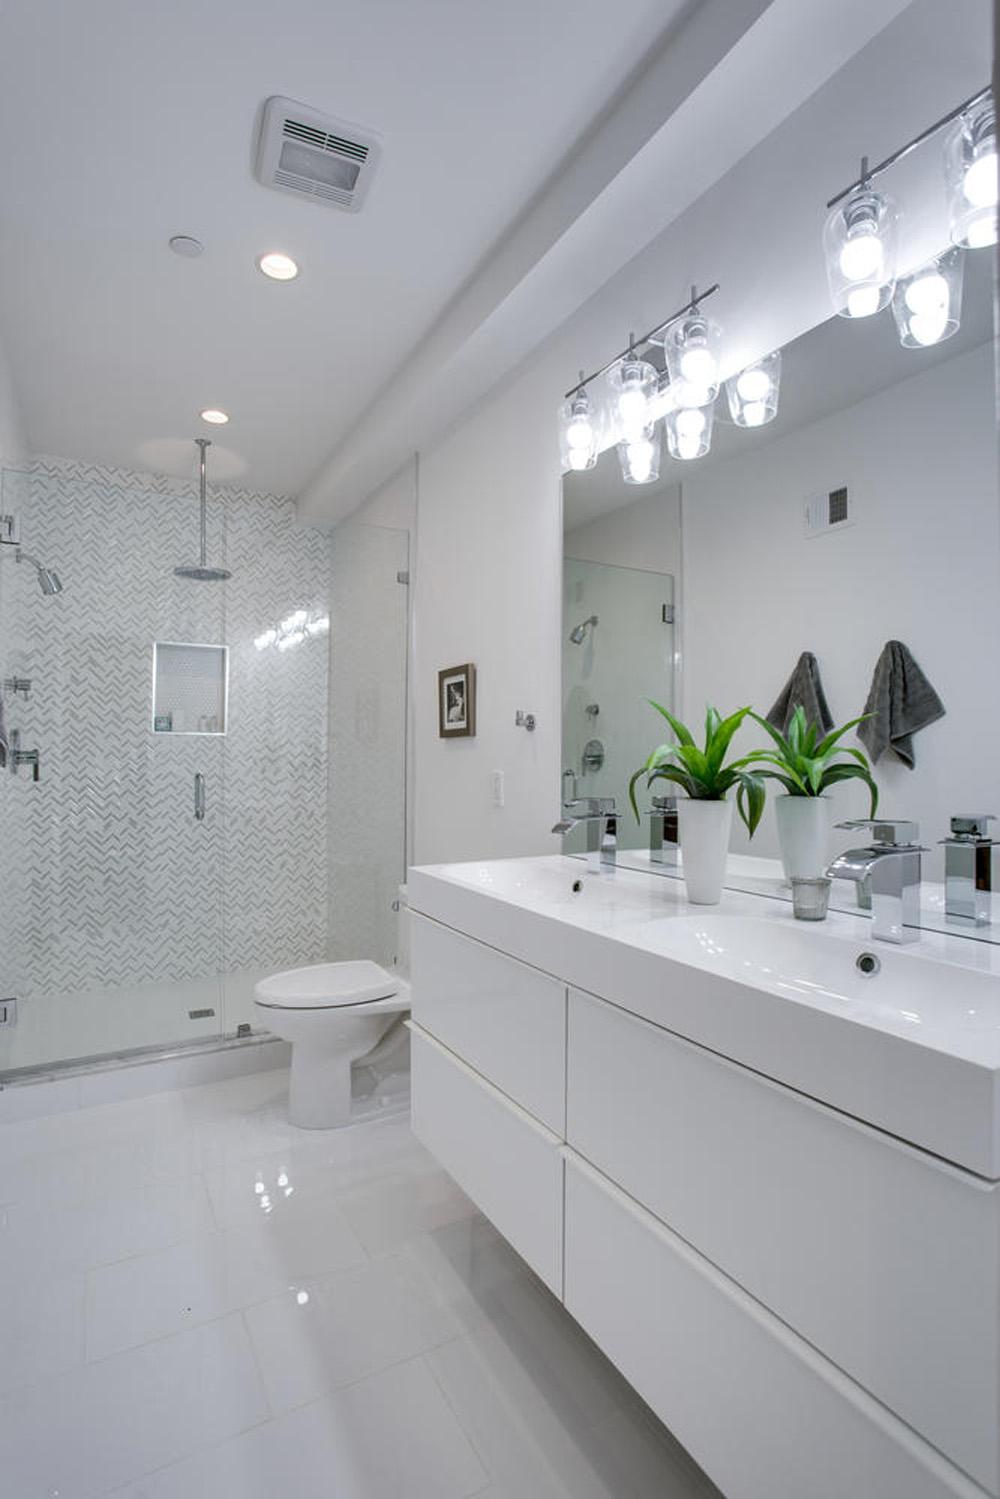 3911 Kansas Ave NW 1-large-035-9-Bathroom-667x1000-72dpi